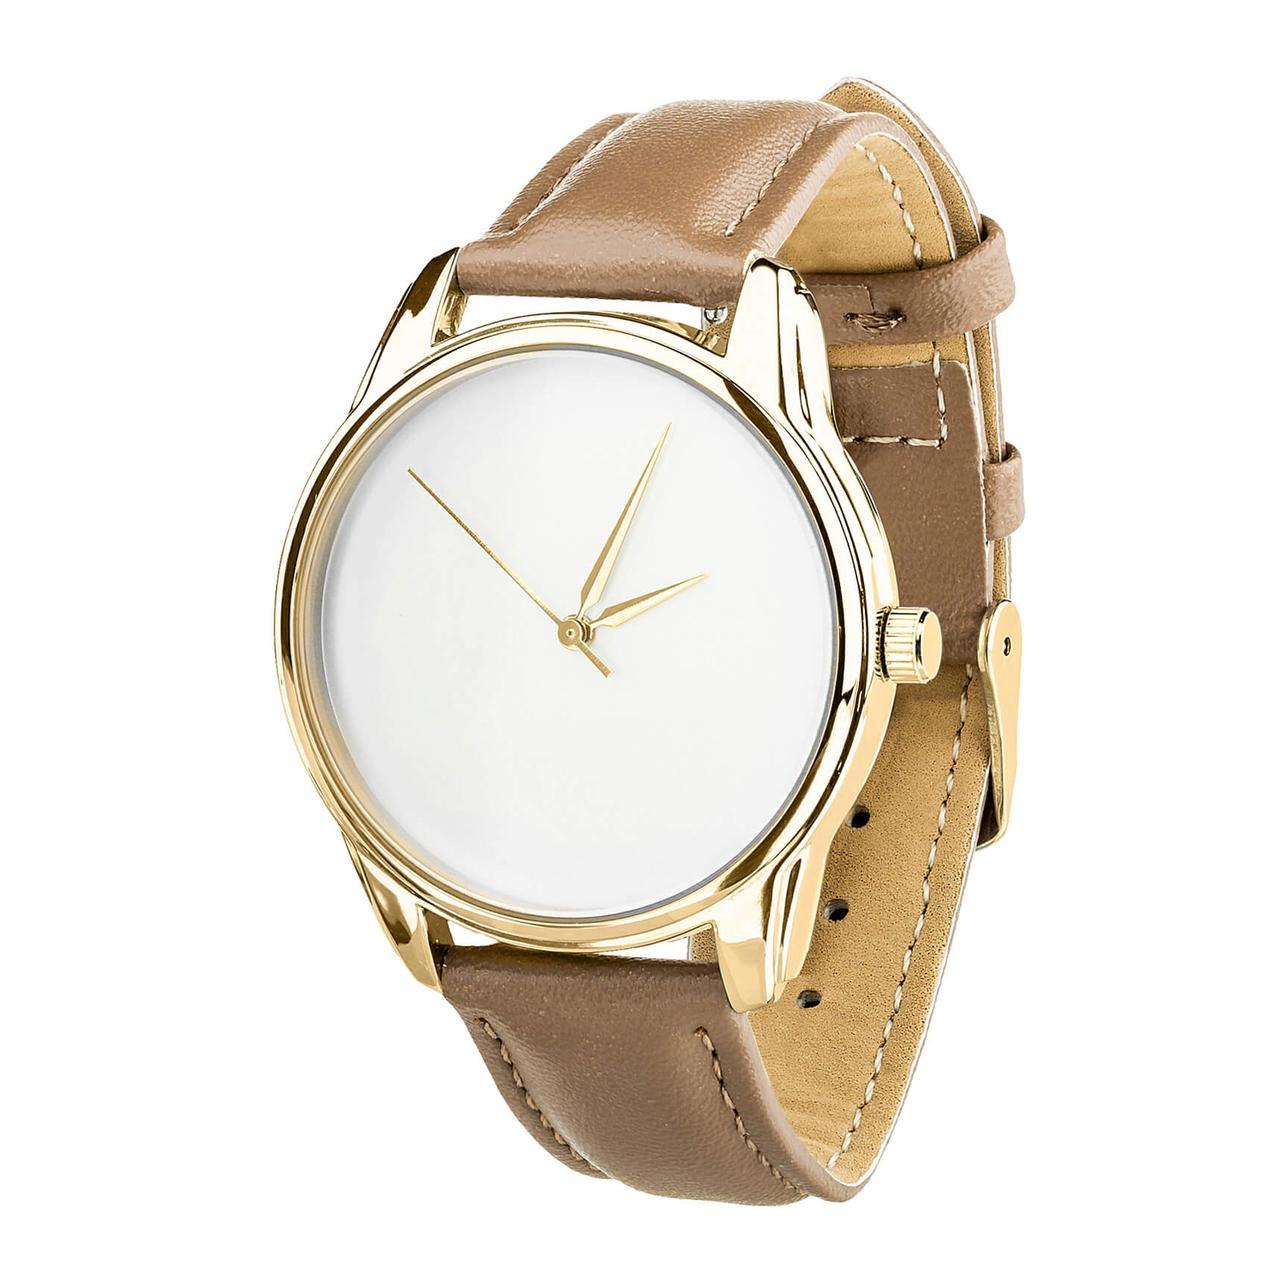 Часы ZIZ Минимализм (ремешок серо - коричневый, золото) + дополнительный ремешок